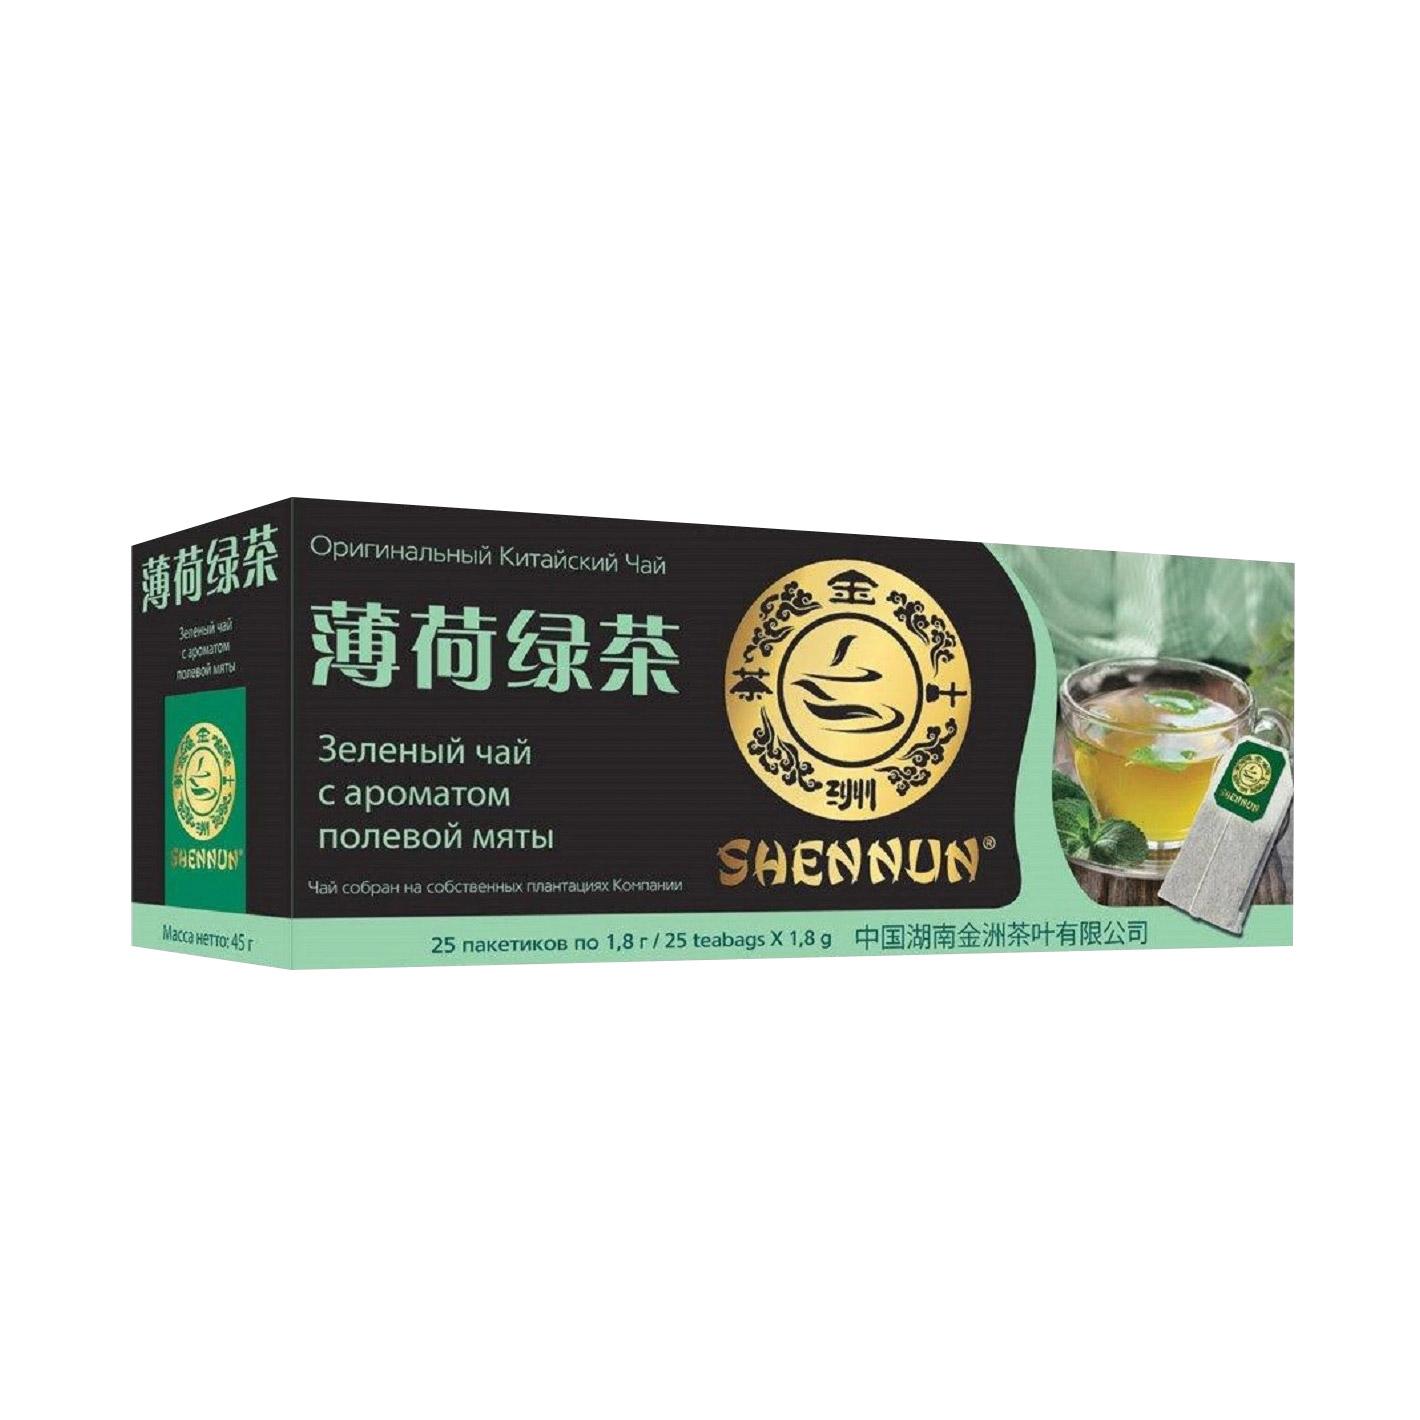 Чай зеленый Shennun с ароматом полевой мяты, 25 пакетиков